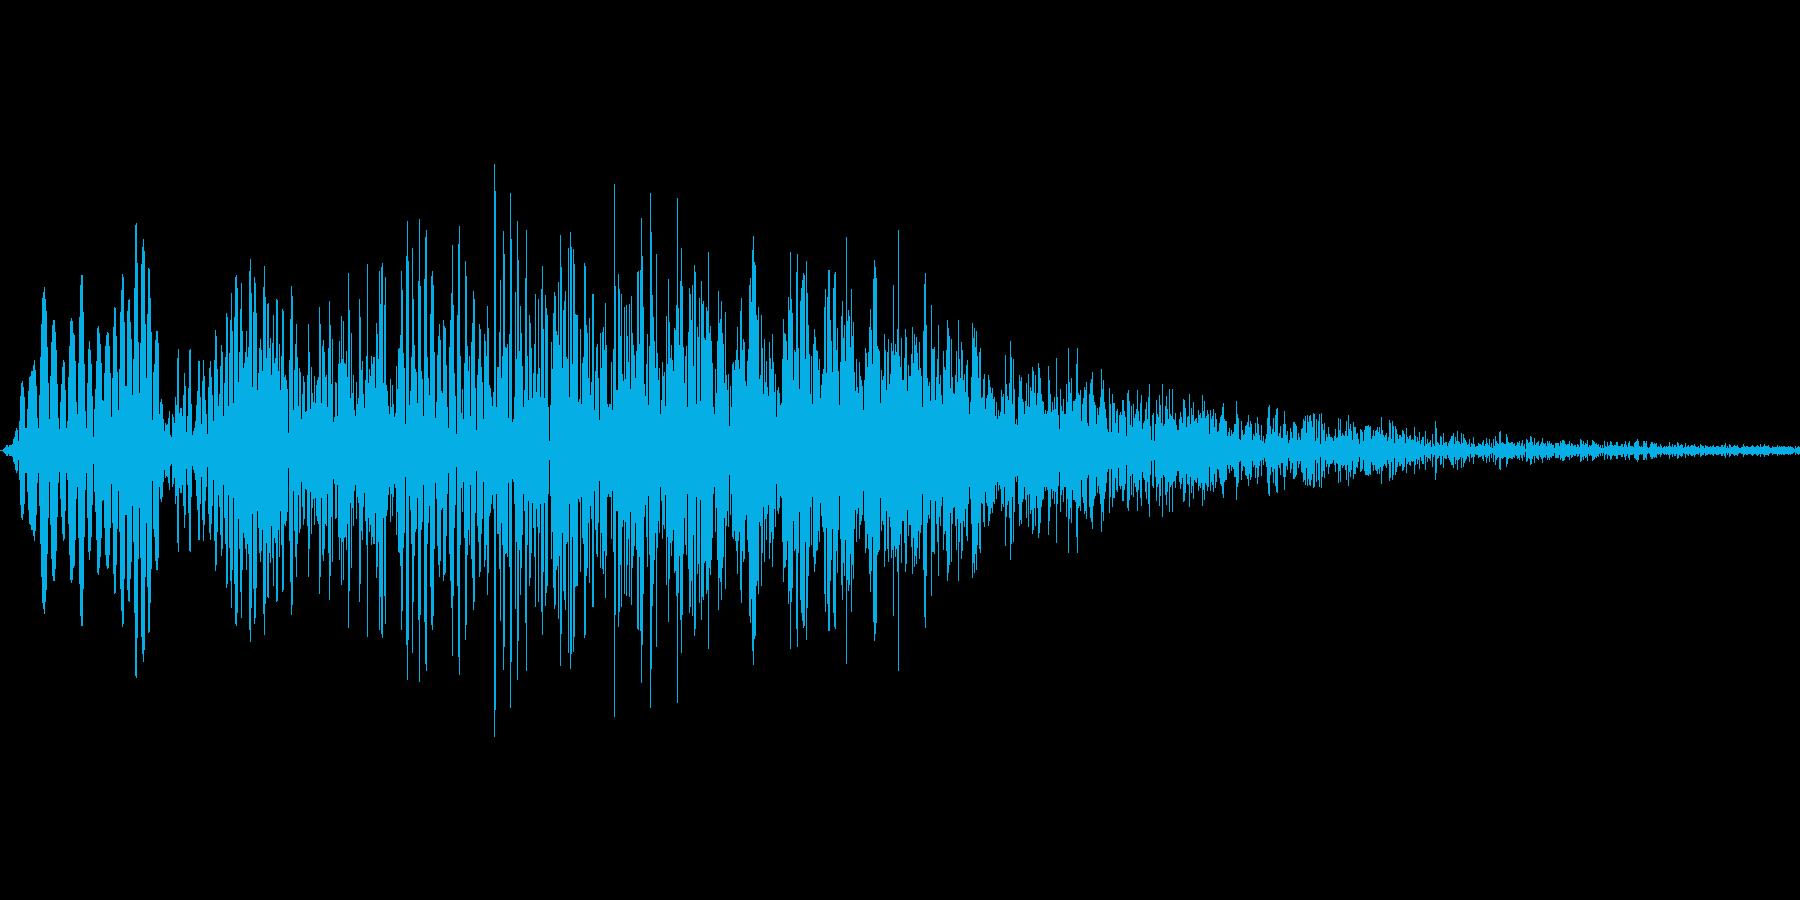 キャンセル音、削除音の再生済みの波形